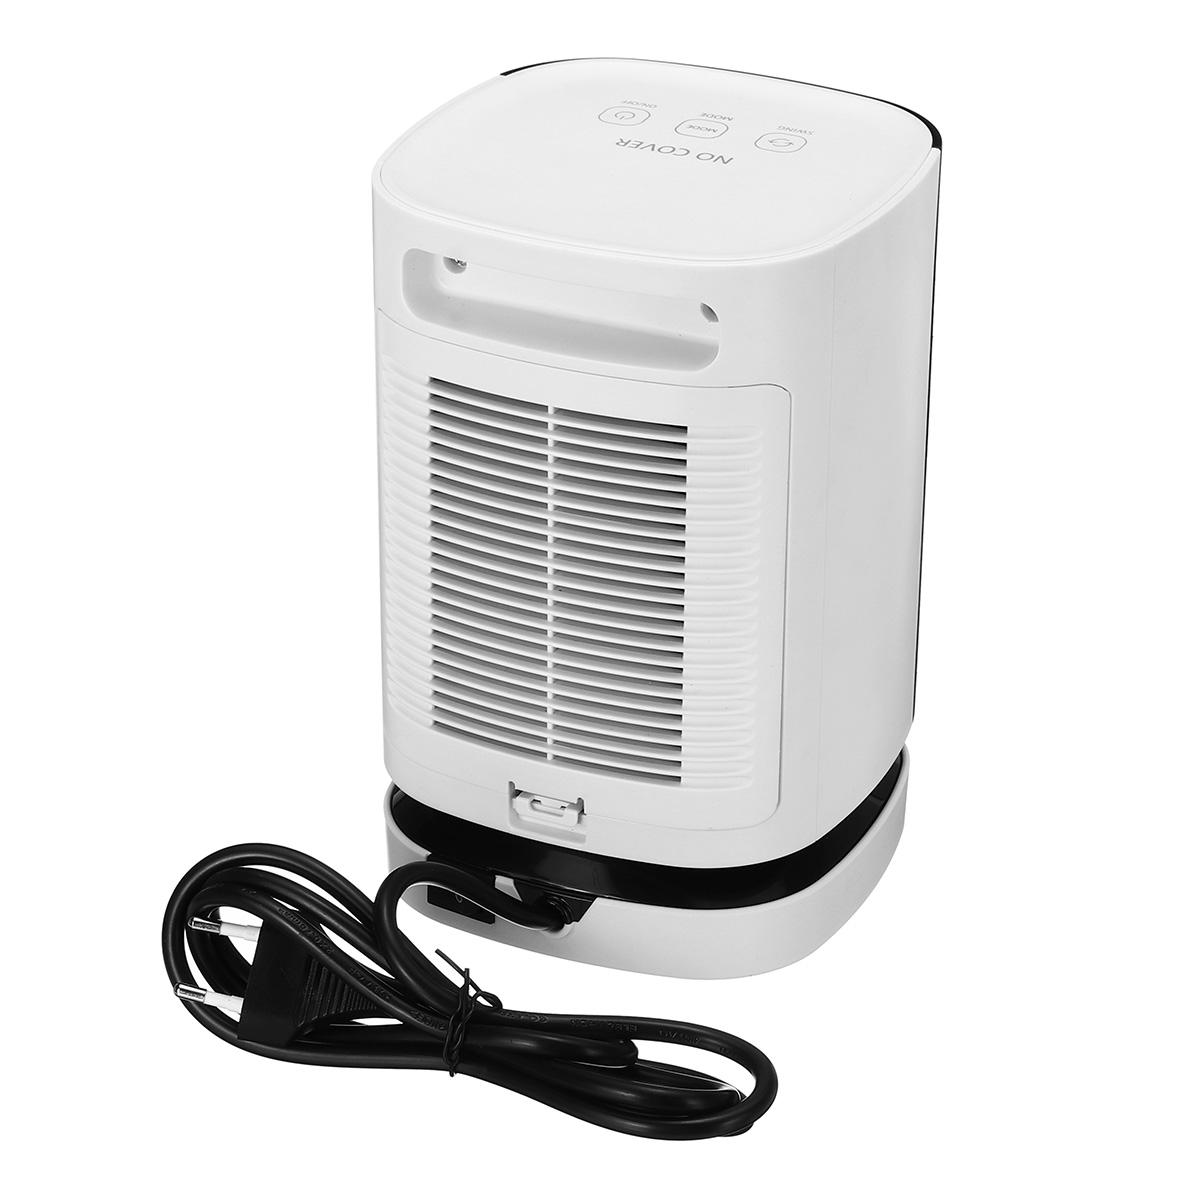 Portable Travel 950W Electric Fan Heater Home Office Warm Air Blower Winter Warmer Heating Fan